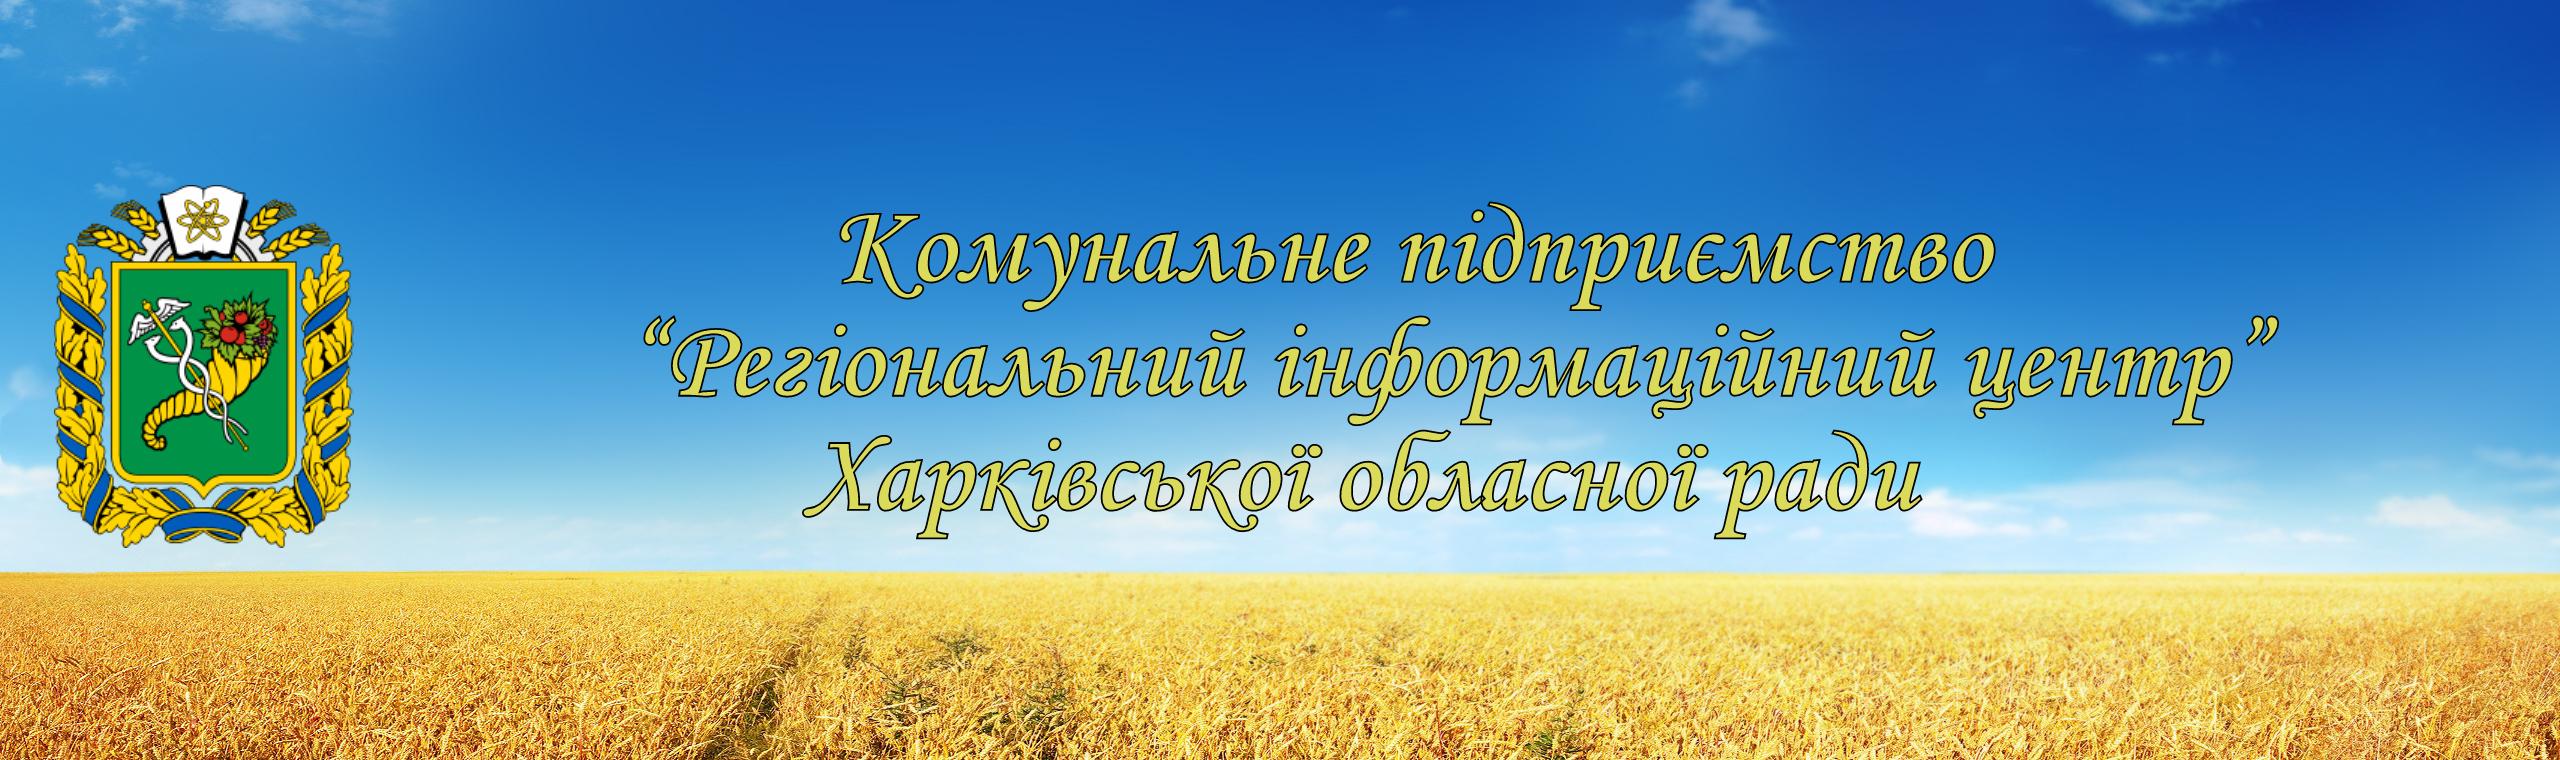 shappppka